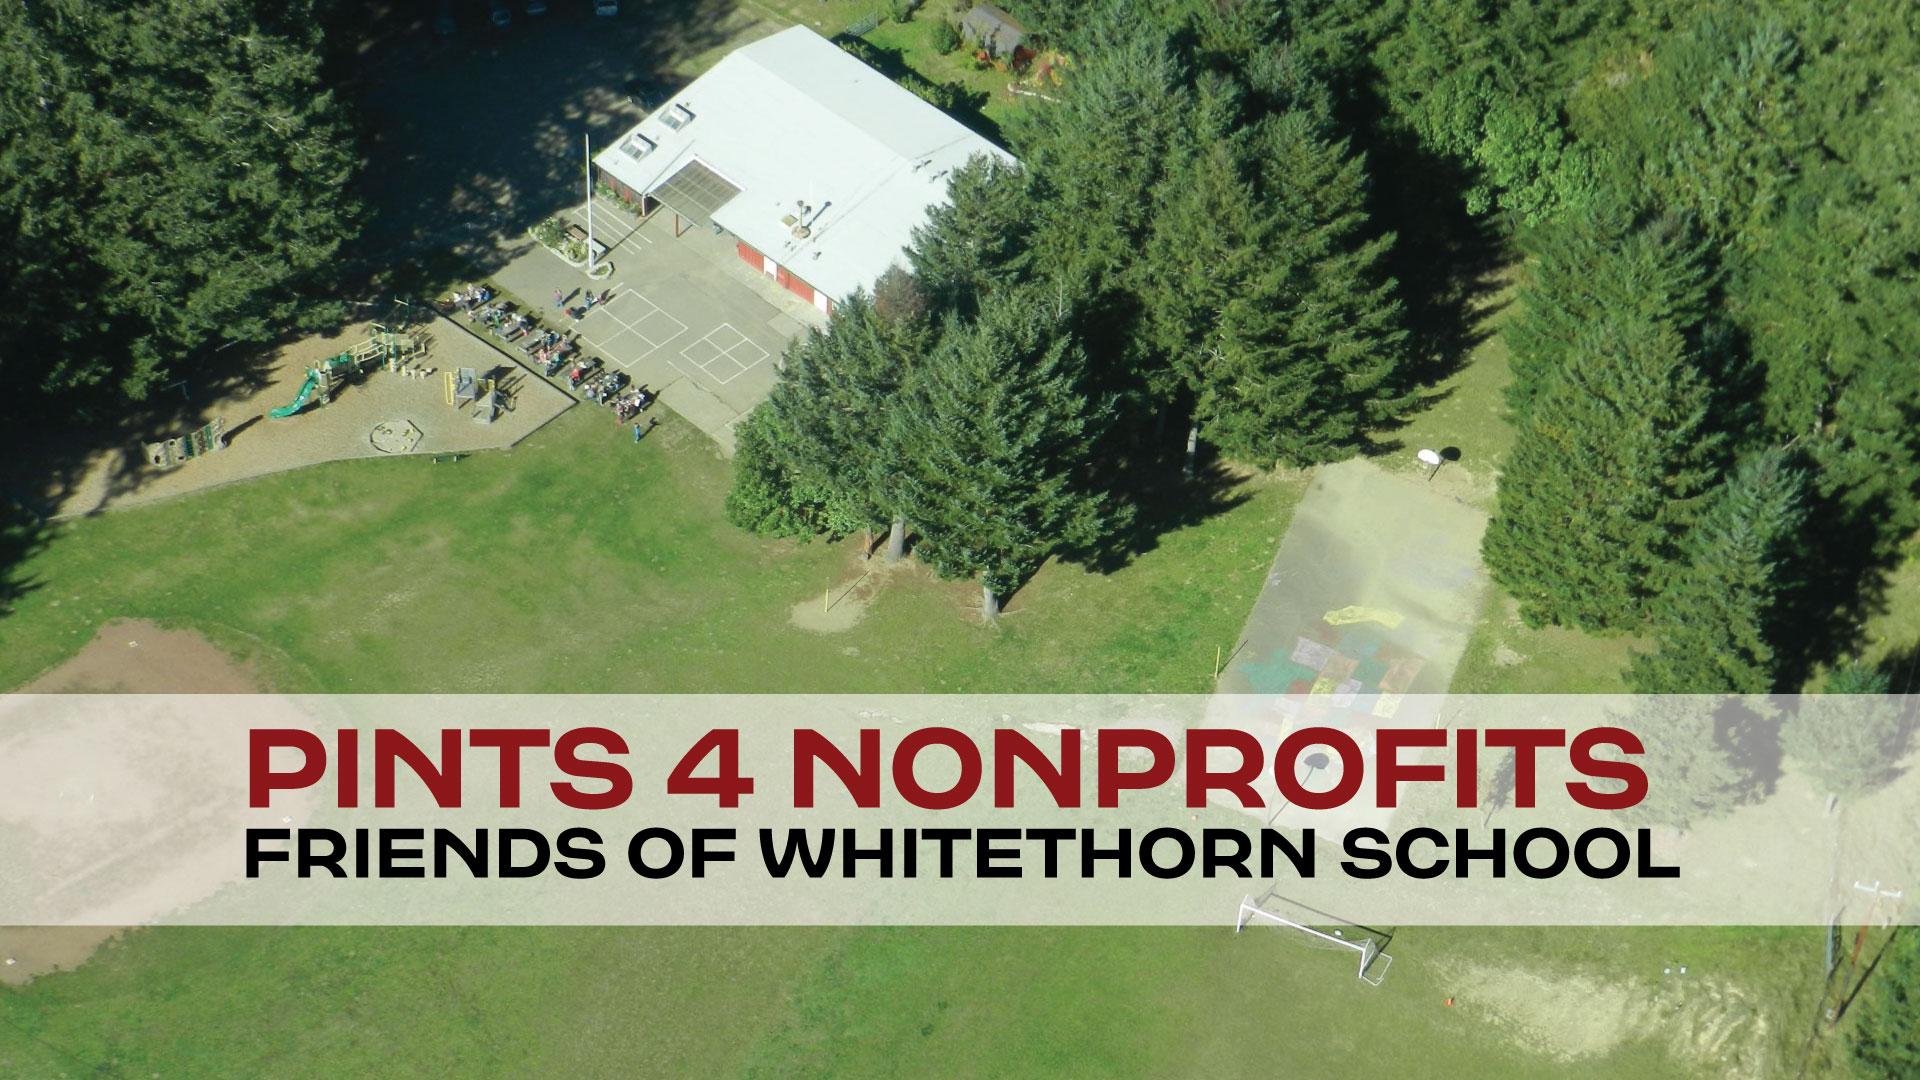 p4np-whitethorn